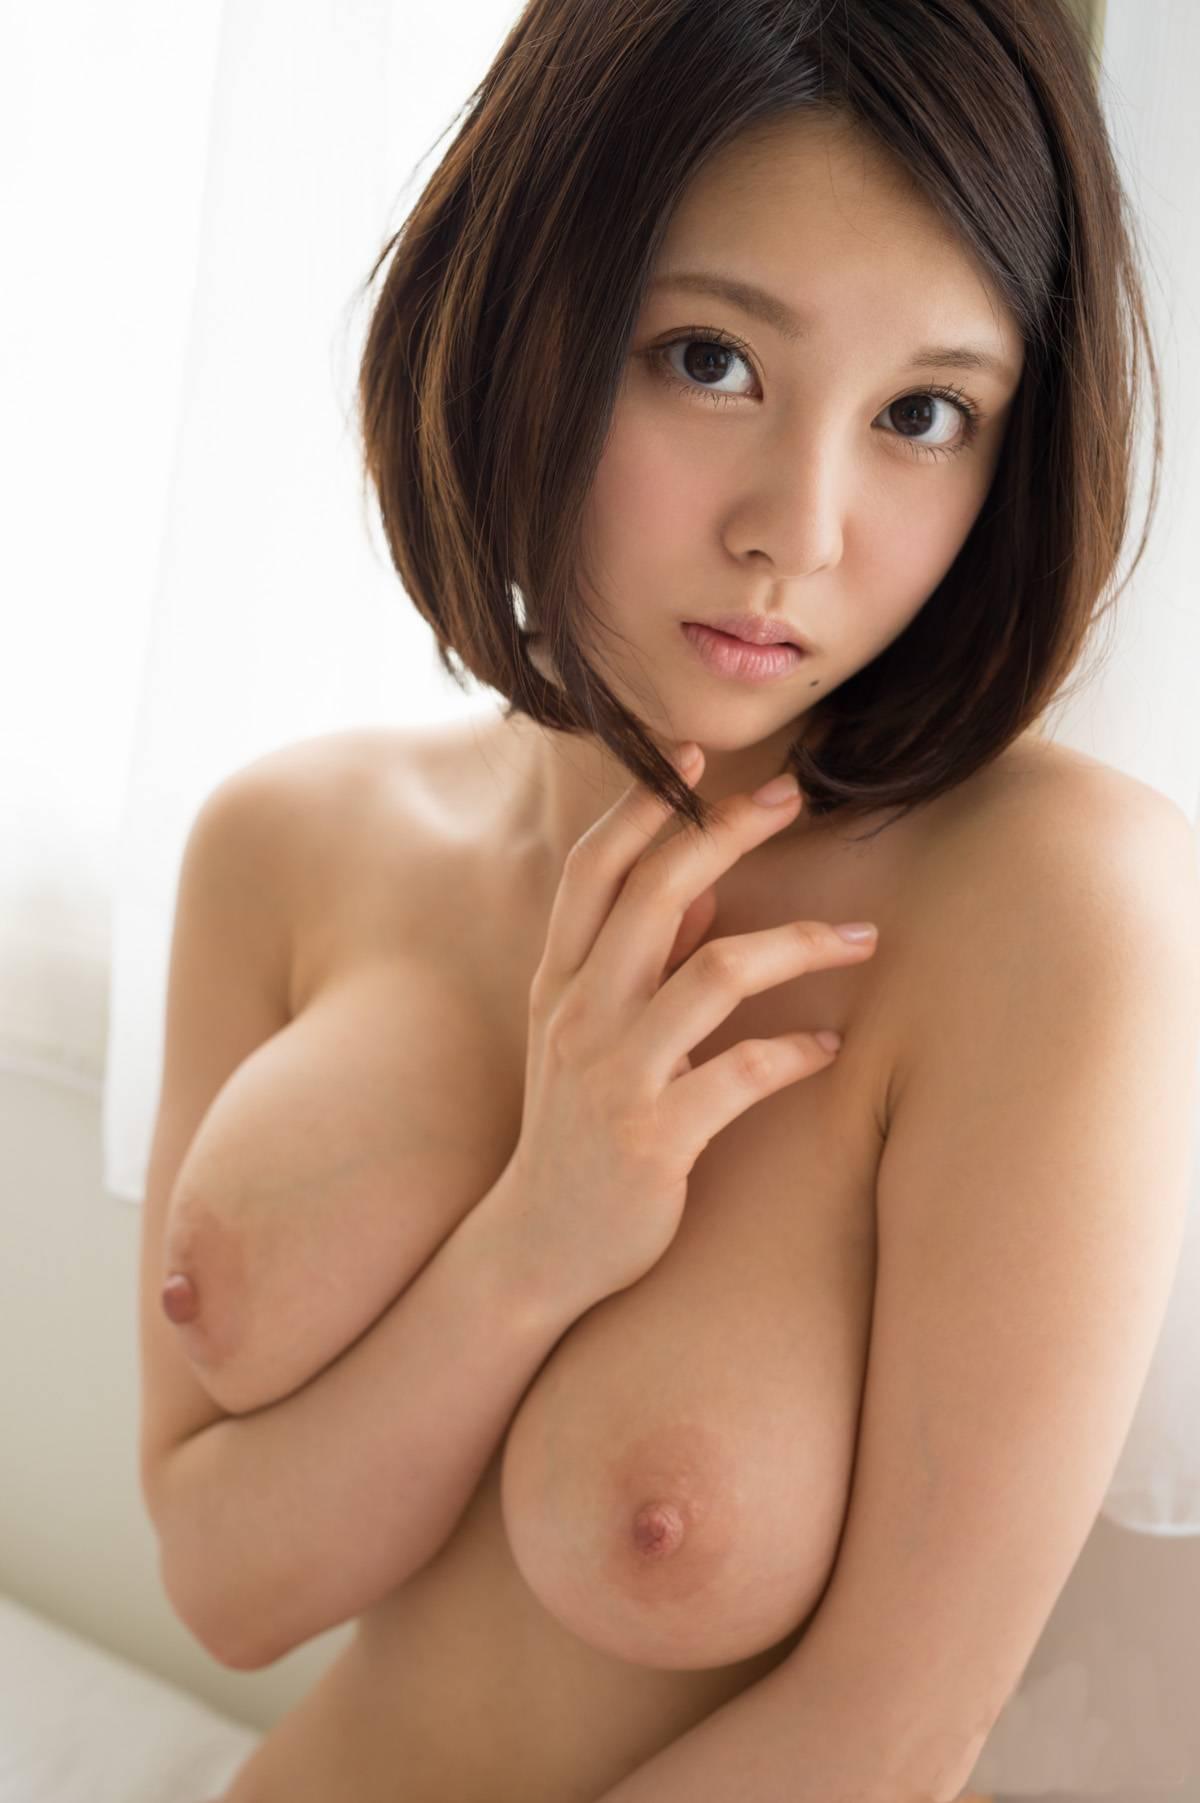 三次元 3次元 エロ画像 AV女優 松岡ちな ヌード べっぴん娘通信 066